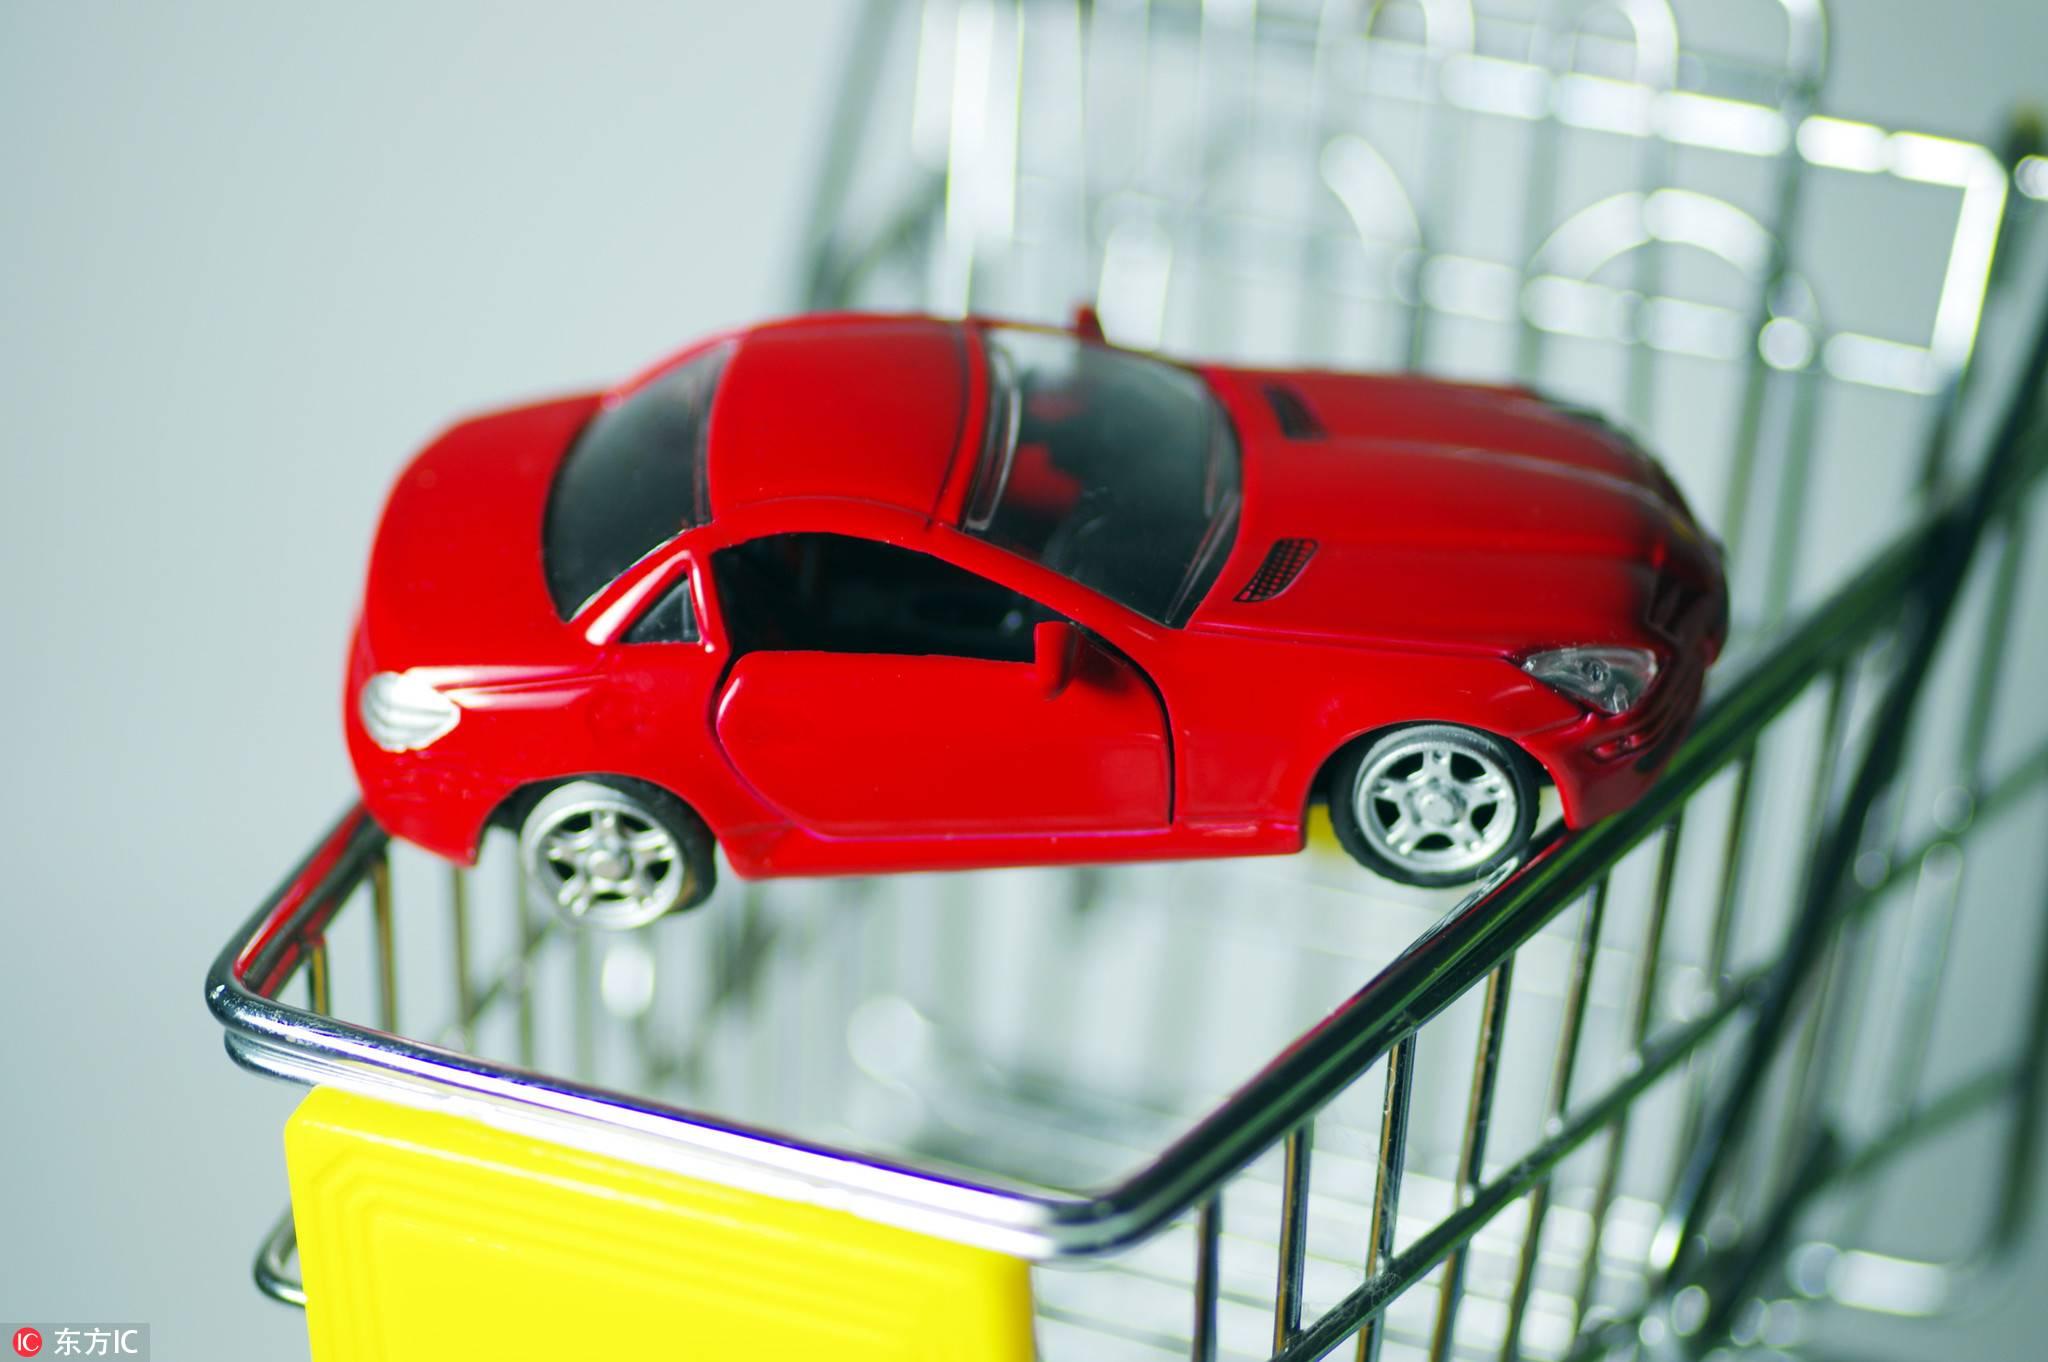 乘联会:4月乘用车零售量环比下降13.8%,专家预测5月市场仍显低迷